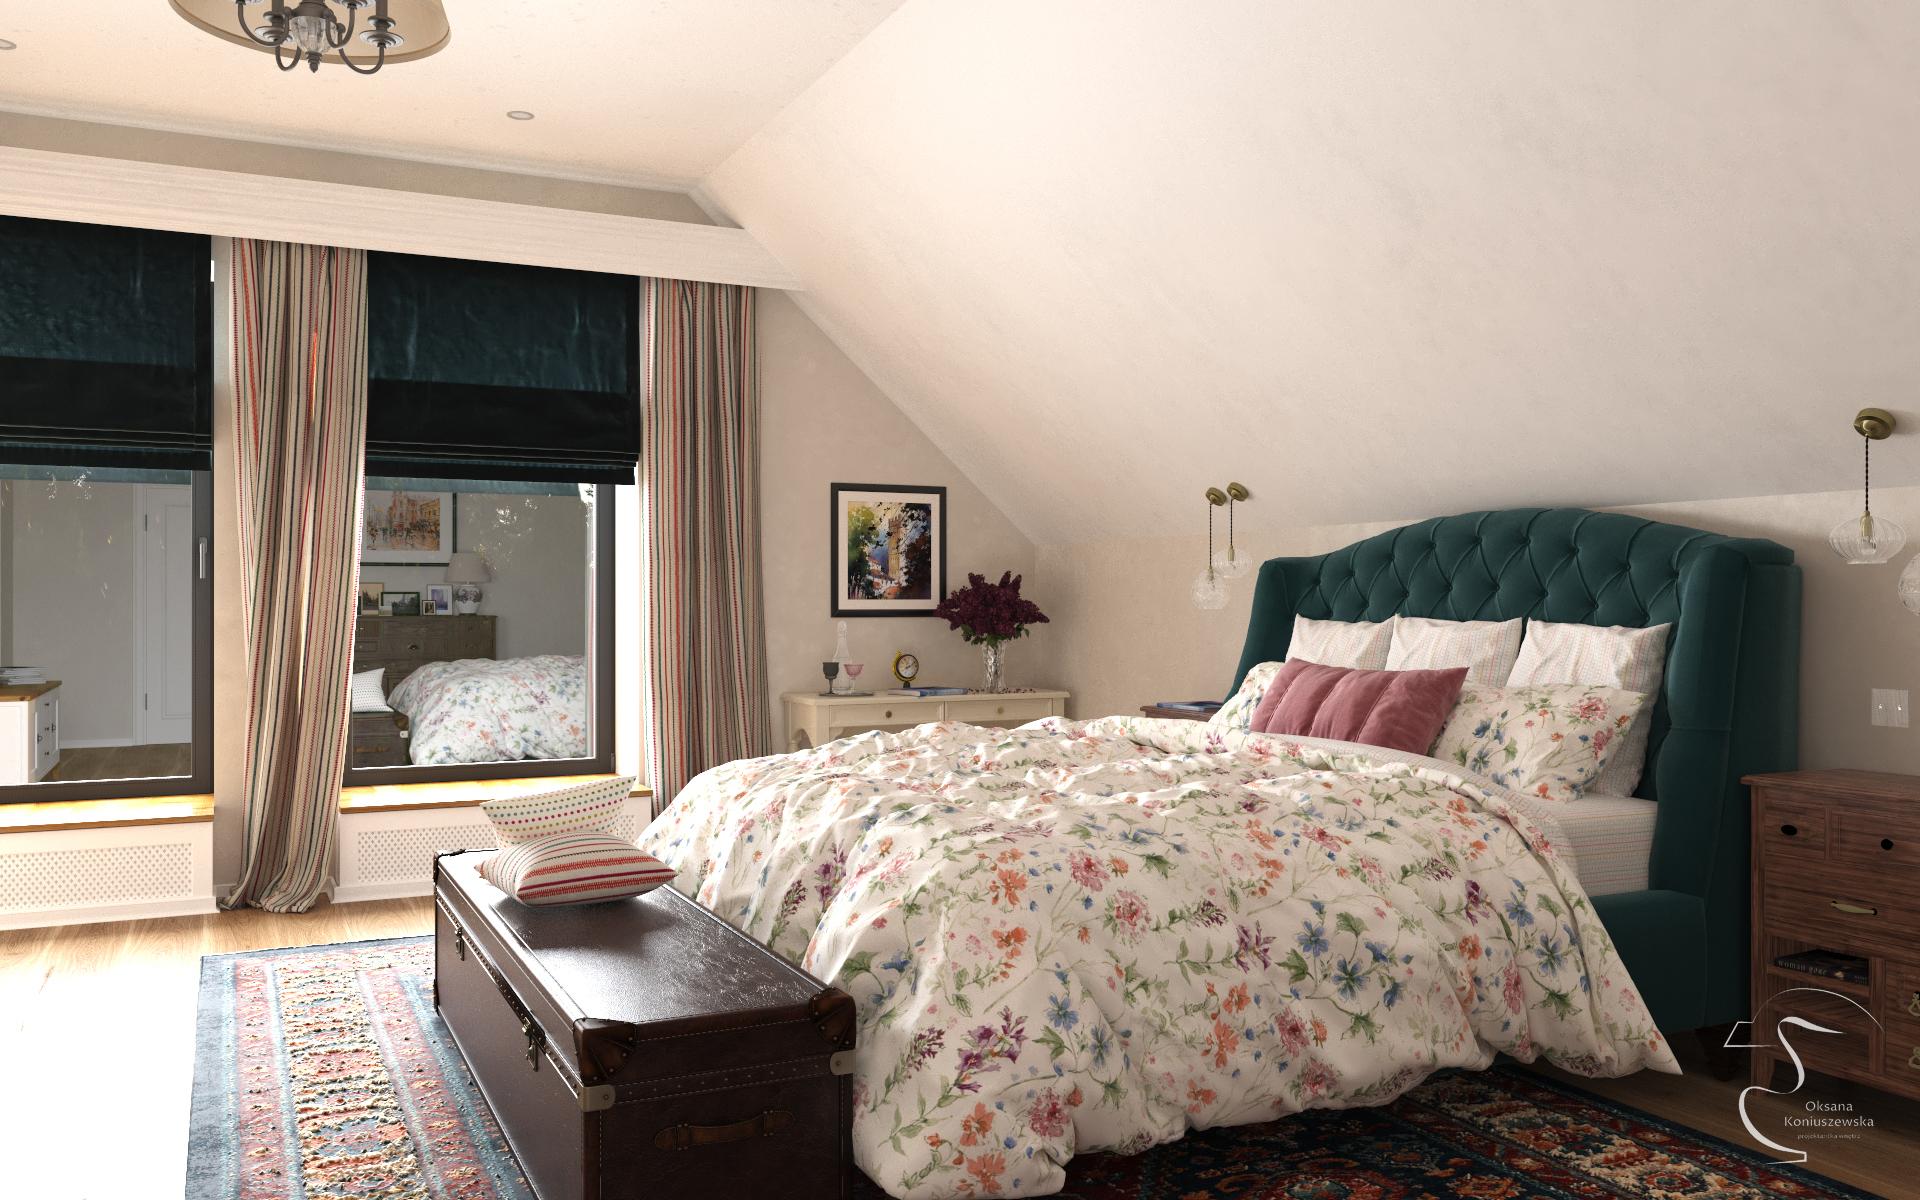 17 Sypialnia 1